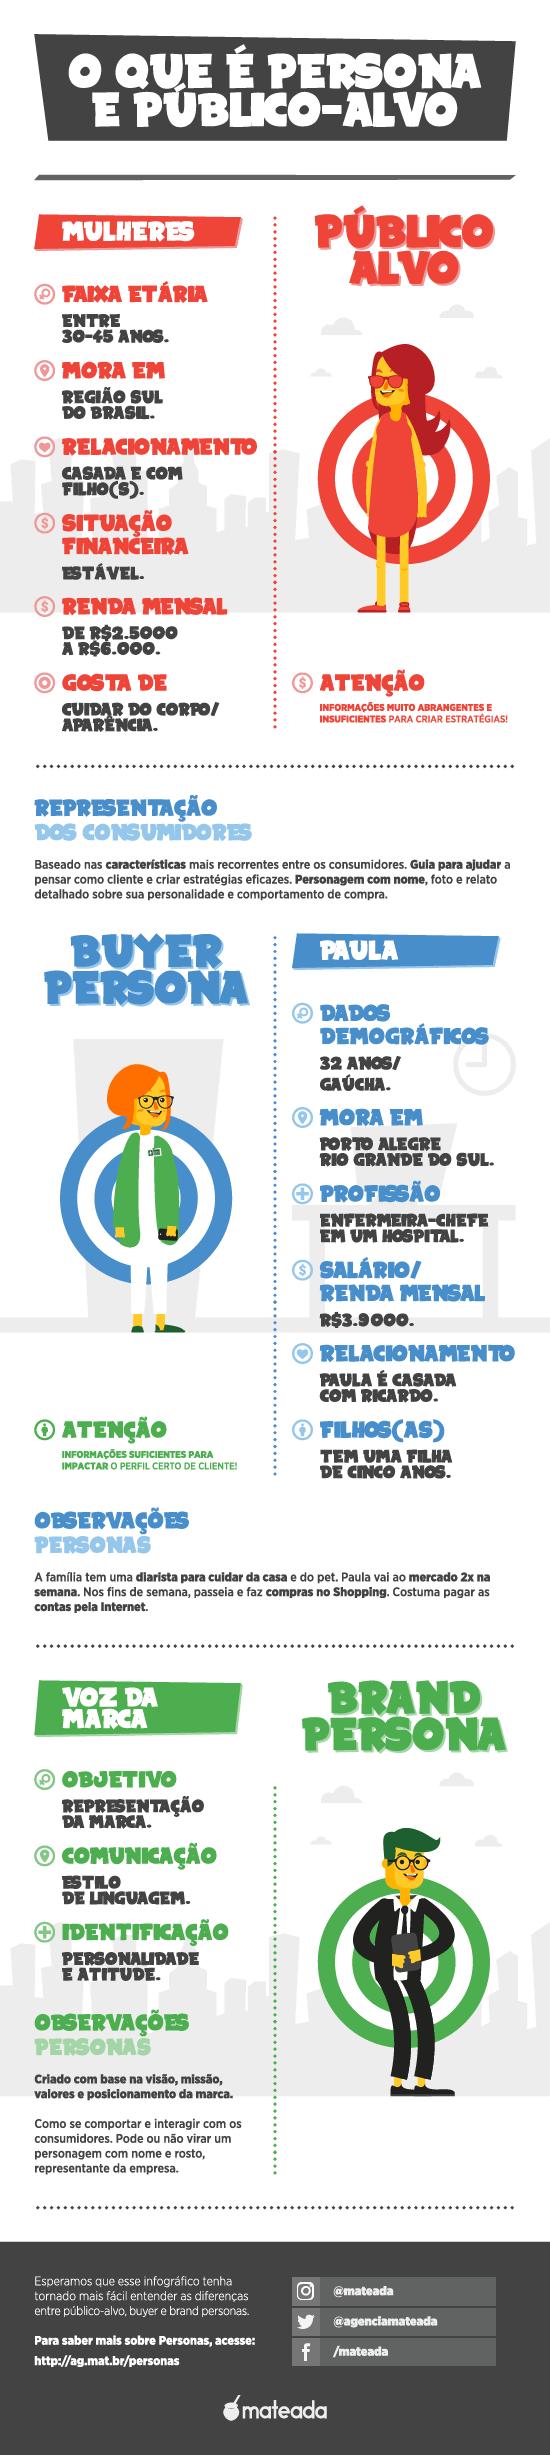 Infográfico mostrando a diferença entre os tipos de Personas e o Público-Alvo